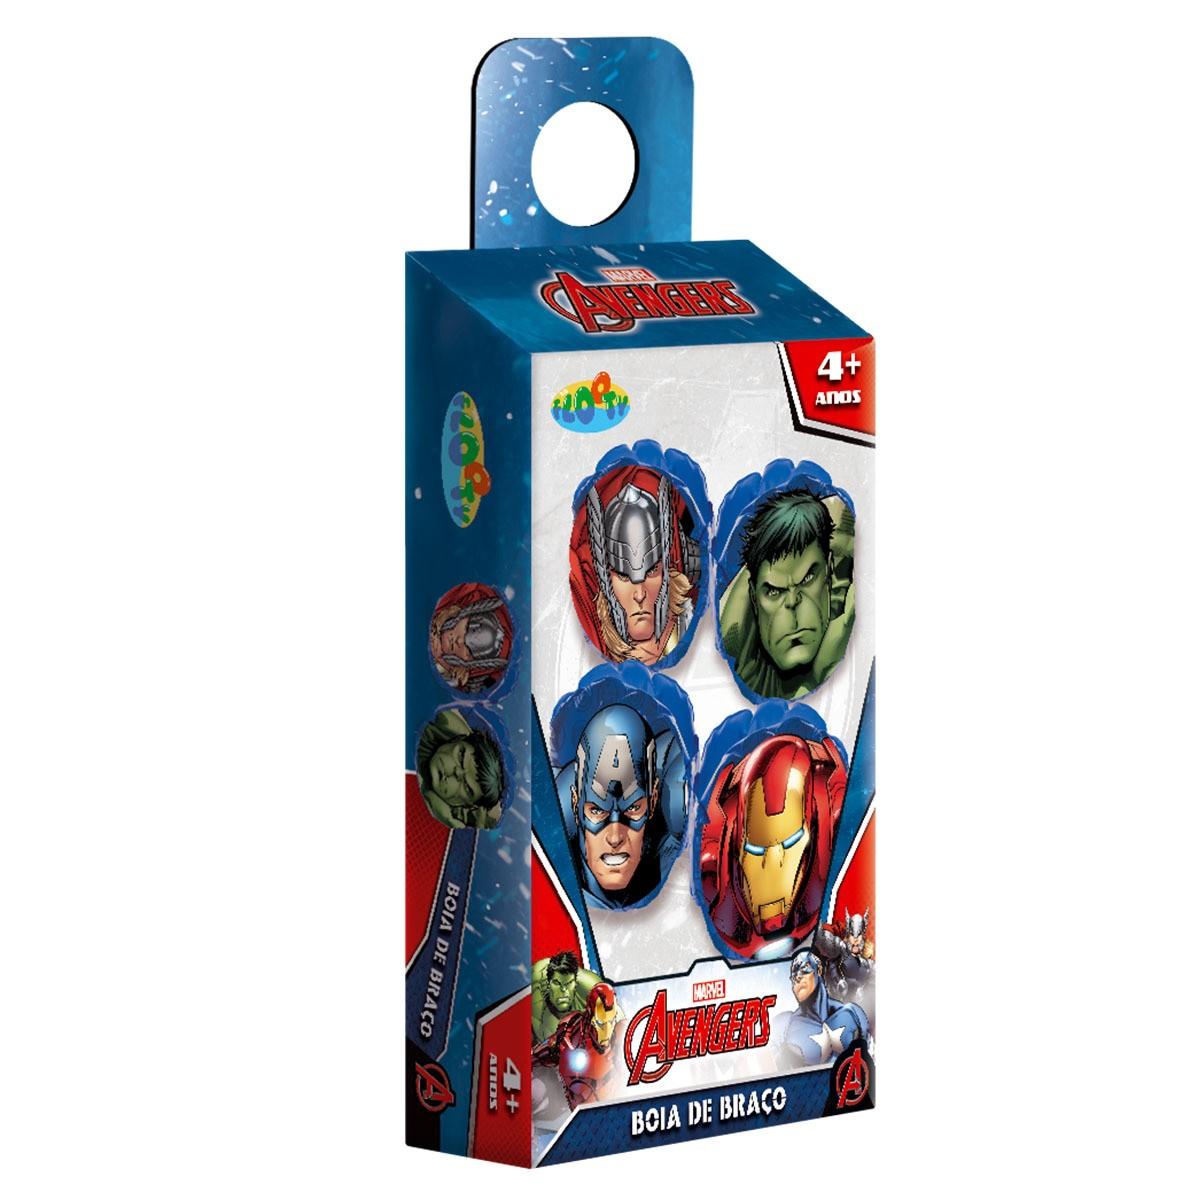 Boia de Braço Avengers Marvel - Flooty